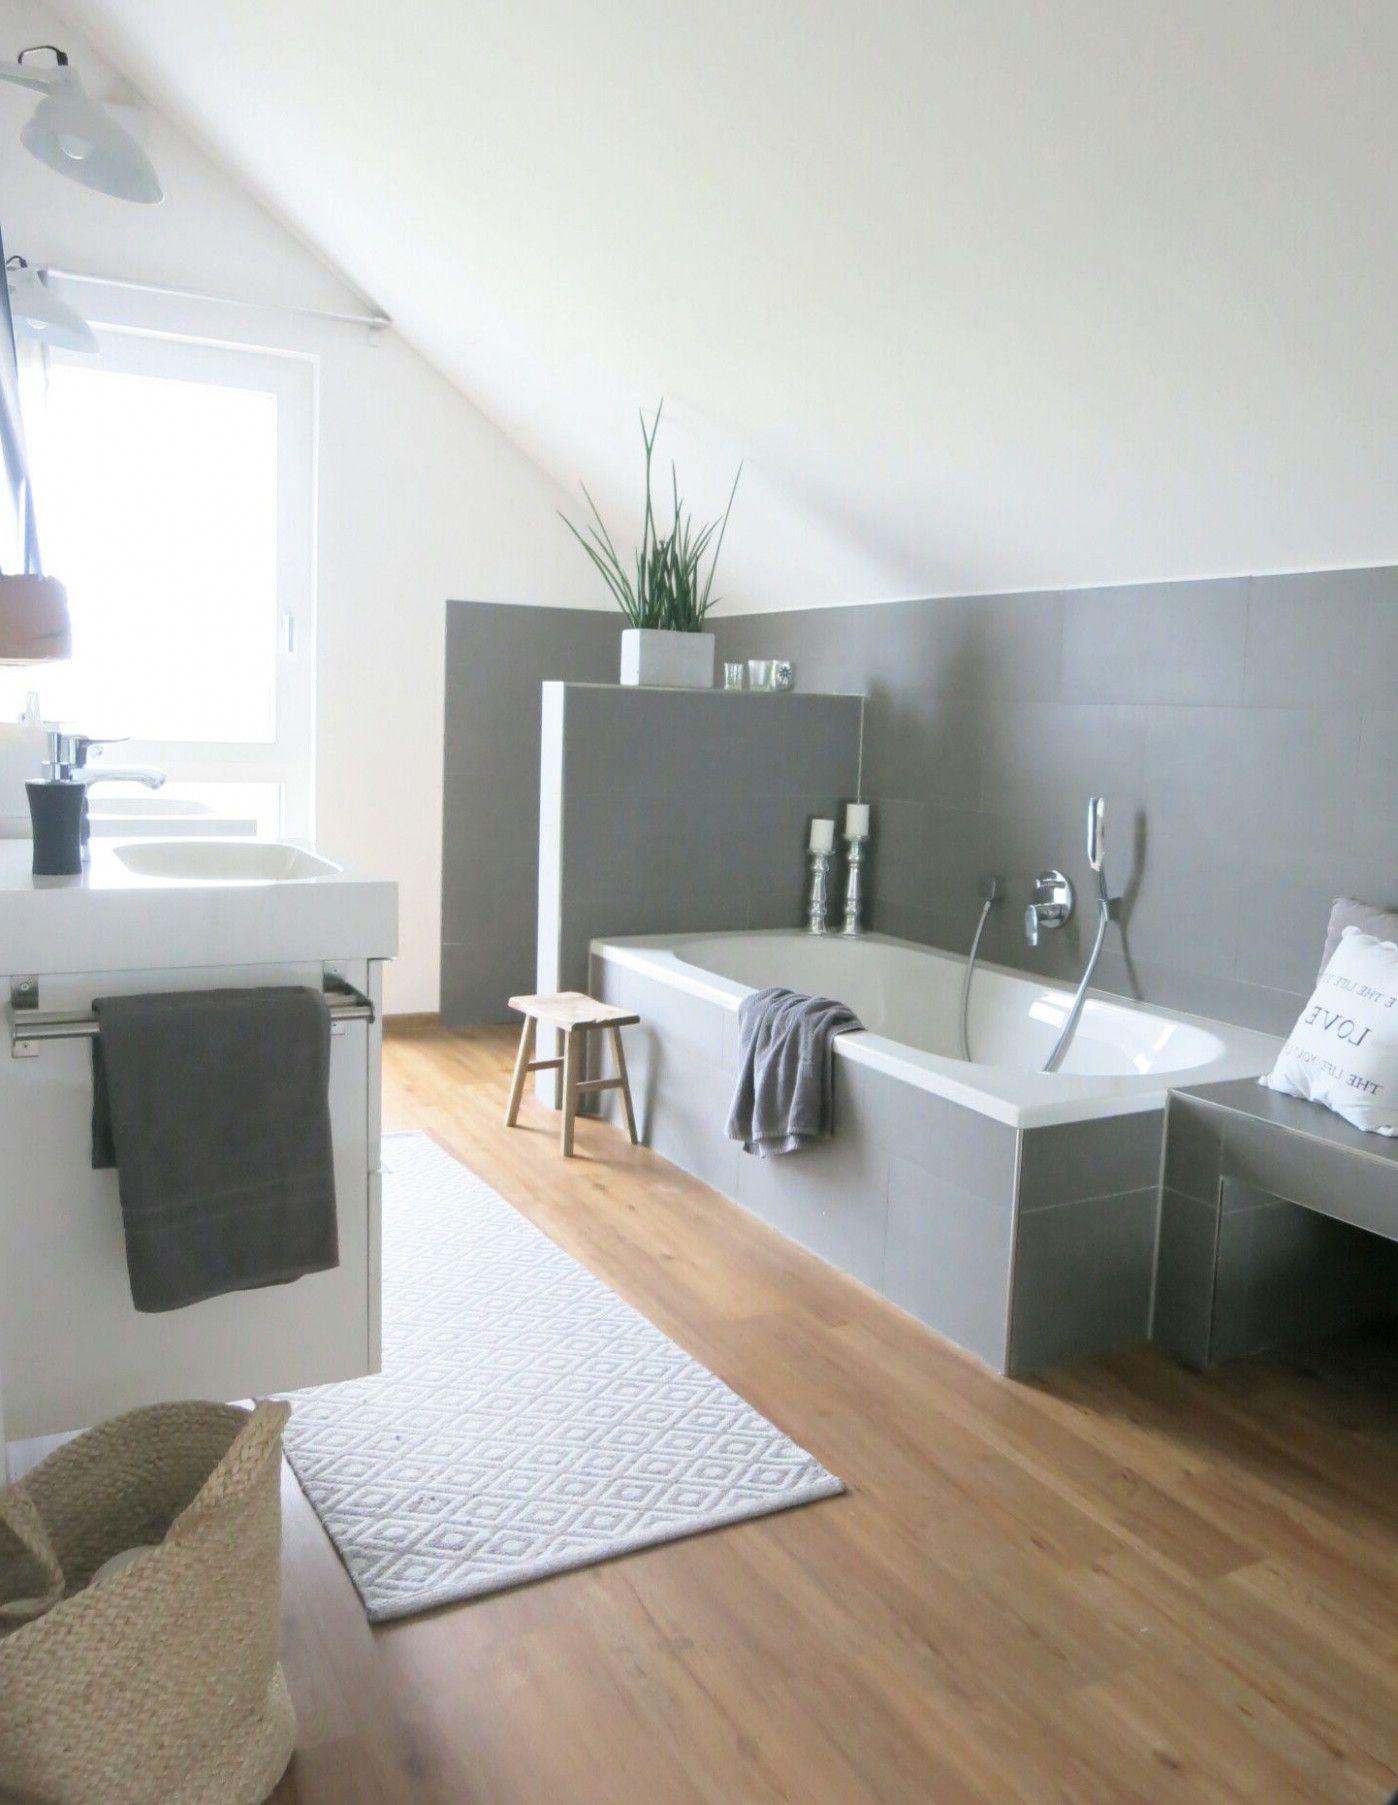 15 Top Risiken Des Besuchs Badezimmer Modern Beton Badezimmer Ideen In 2020 Modern Bathroom Concrete Bathroom Interior